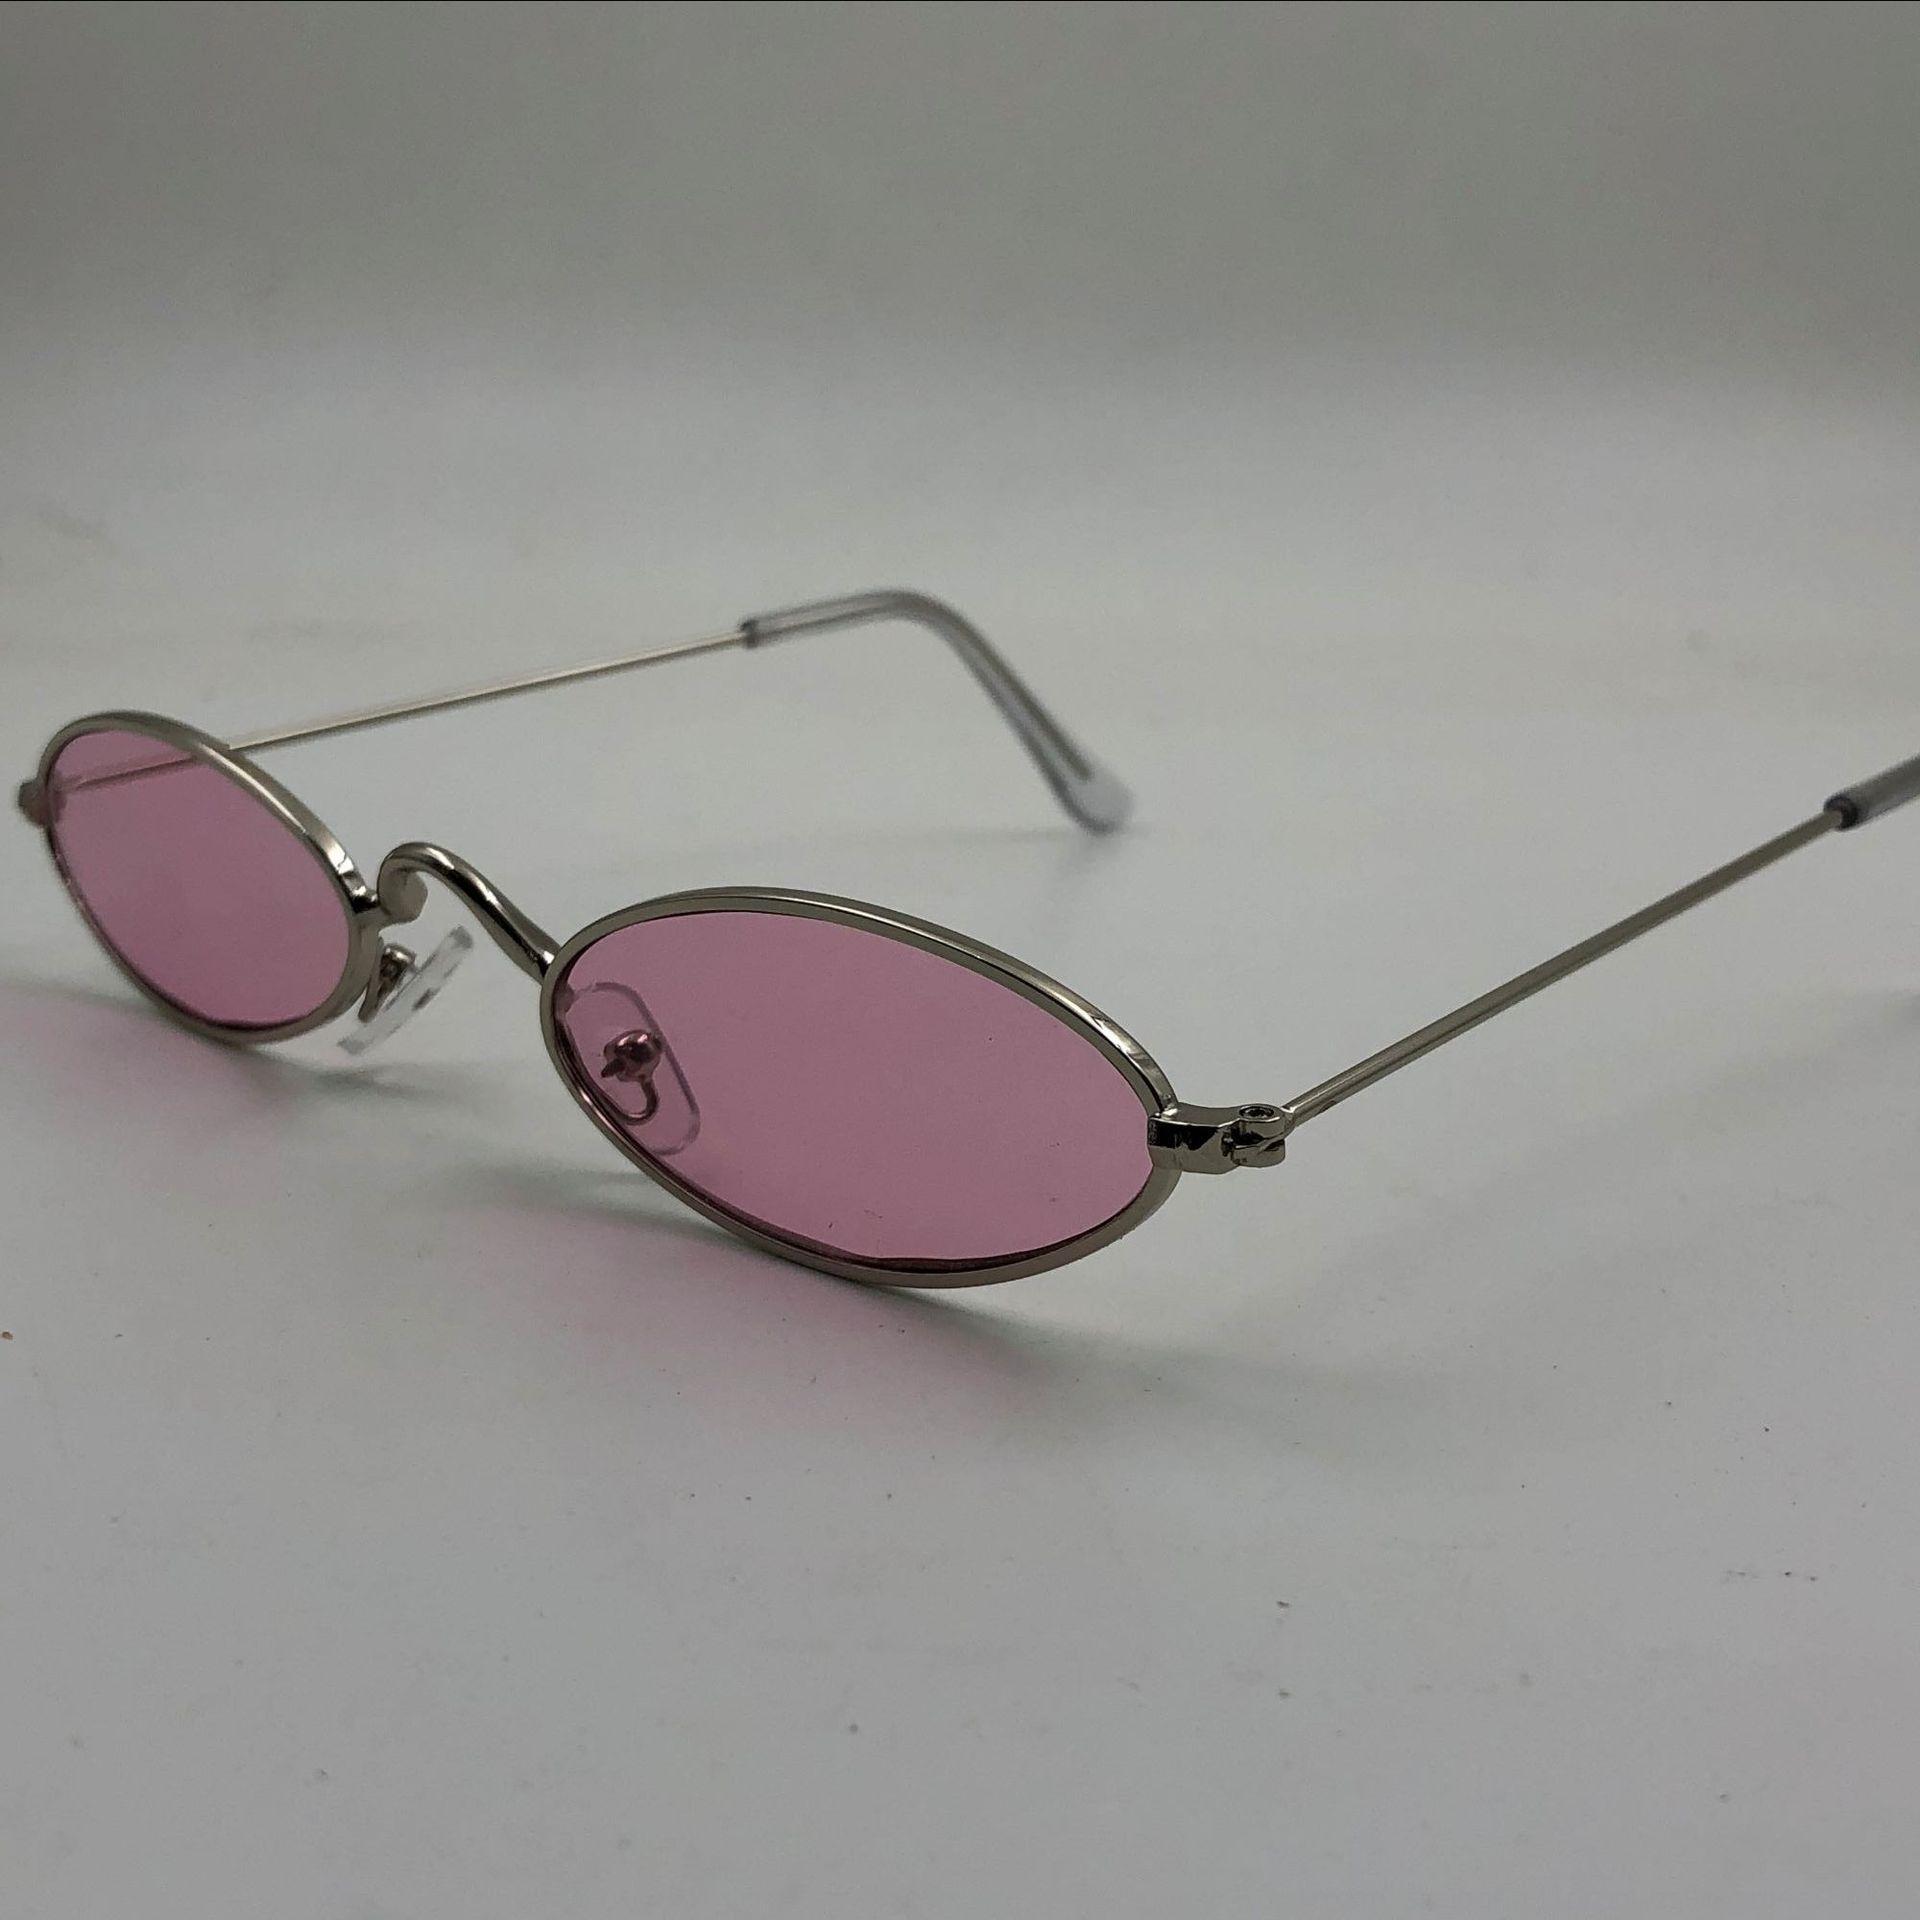 New pequena estrutura de metal óculos de sol pequenos copos oval sol oceano óculos personalizados